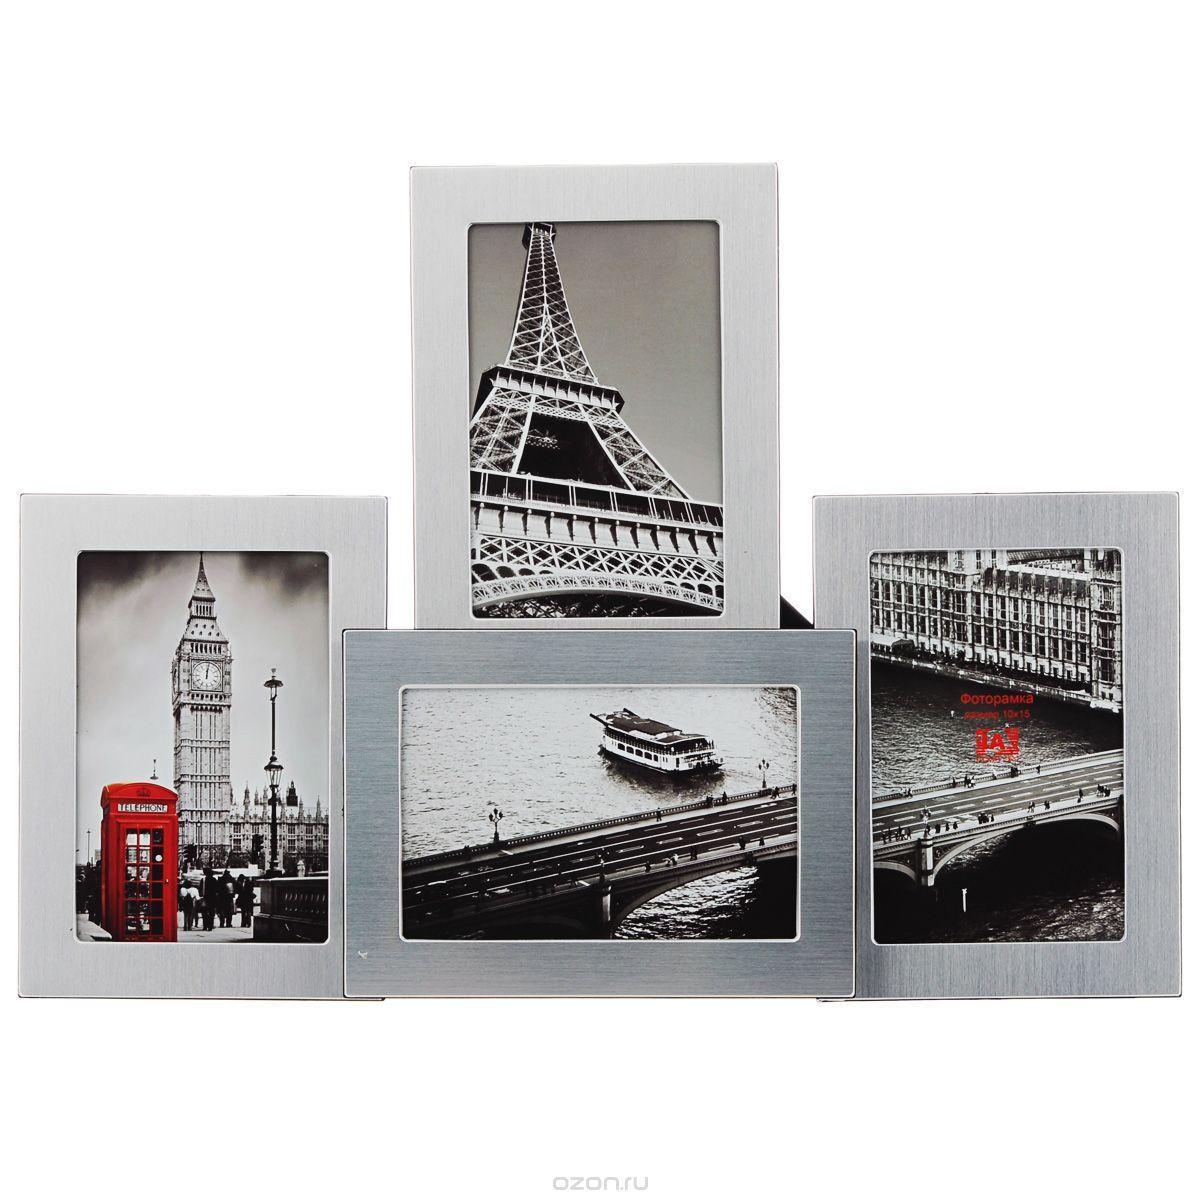 Фоторамка Image Art, на 4 фото, 10 см х 15 см. 6019/4-4S133384Фоторамка Image Art - прекрасный способ красиво оформить ваши фотографии. Фоторамка выполнена из пластика и защищена стеклом, предназначена для четырех фотографий с вертикальным и горизонтальным расположением. Фоторамку можно поставить на стол с помощью специальной ножки или подвесить на стену, для чего с задней стороны предусмотрены отверстия. Такая фоторамка поможет сохранить на память самые яркие моменты вашей жизни, а стильный дизайн сделает ее прекрасным дополнением интерьера комнаты.